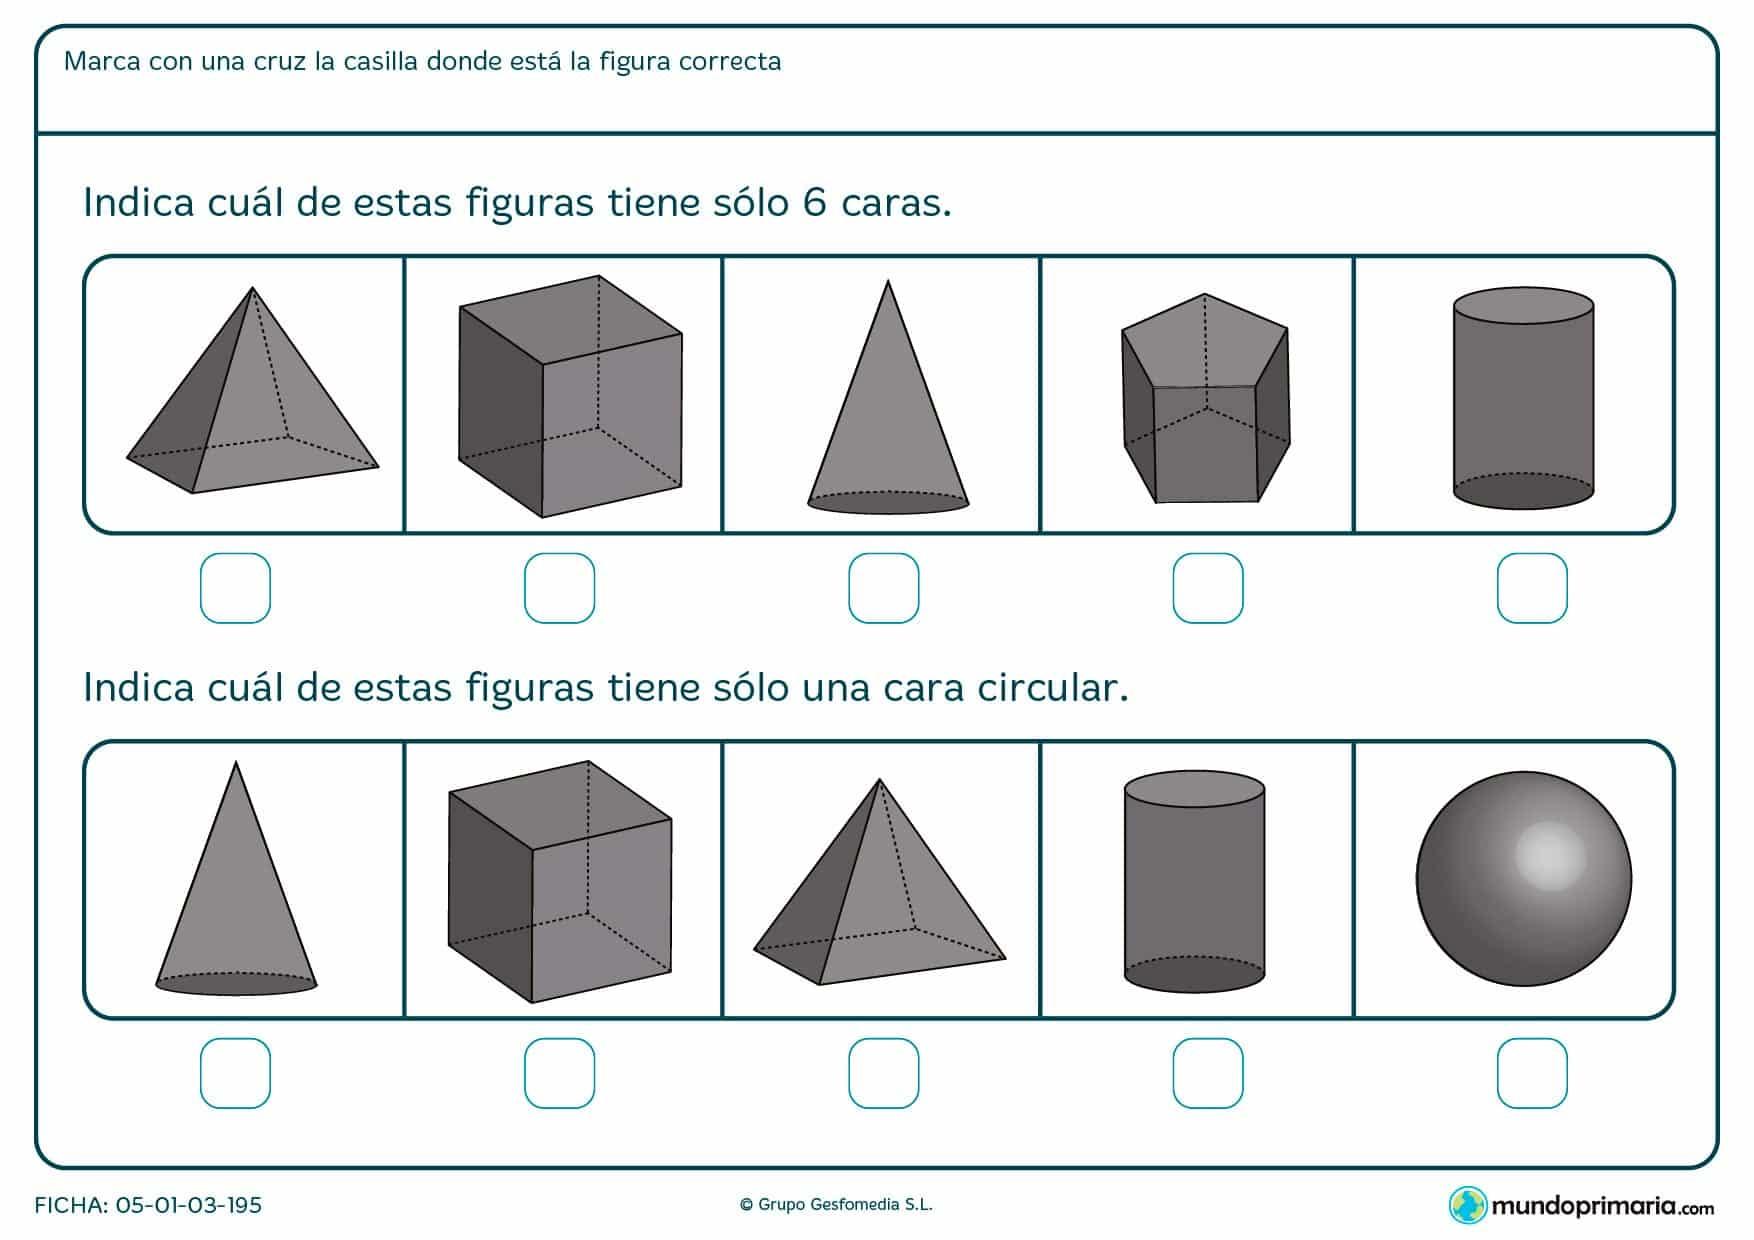 Ficha para marcarlas figuras geométricas con seis caras o con una cara circular.